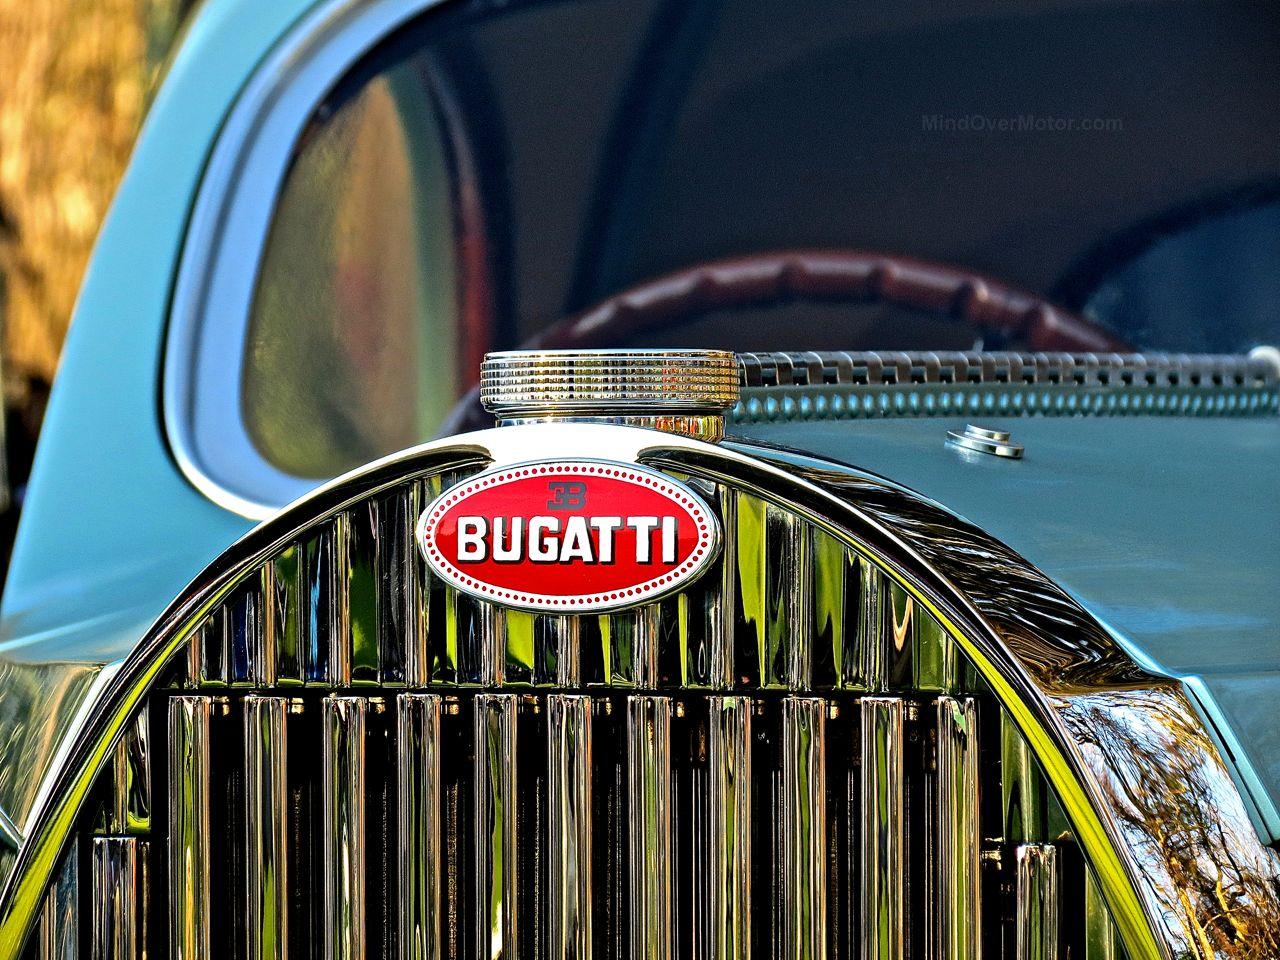 Bugatti Type 57 Aerolithe Amelia 10